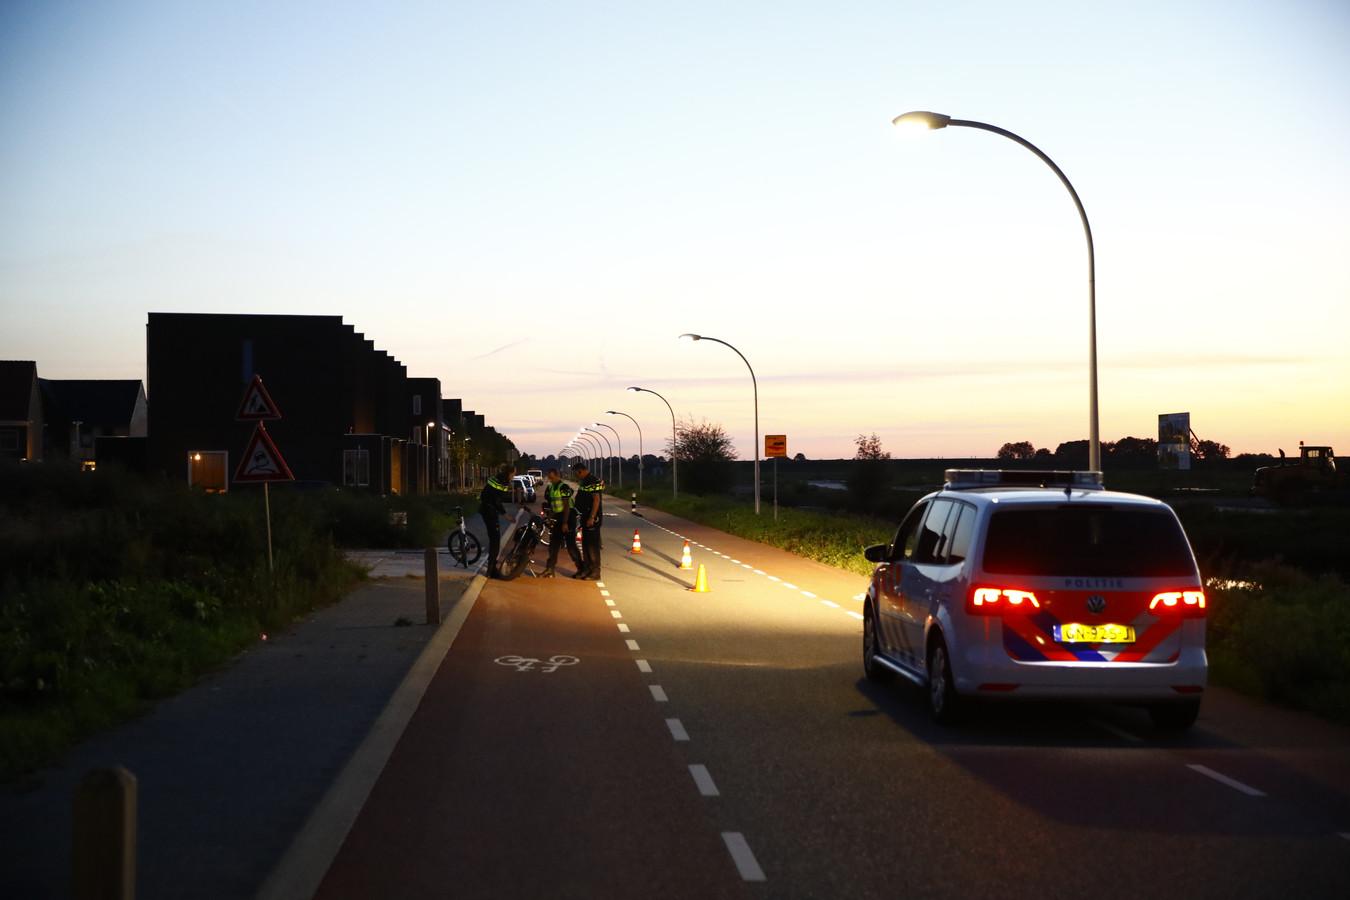 De brommerbestuurder kwam in de Zwolse wijk Stadshagen ten val.